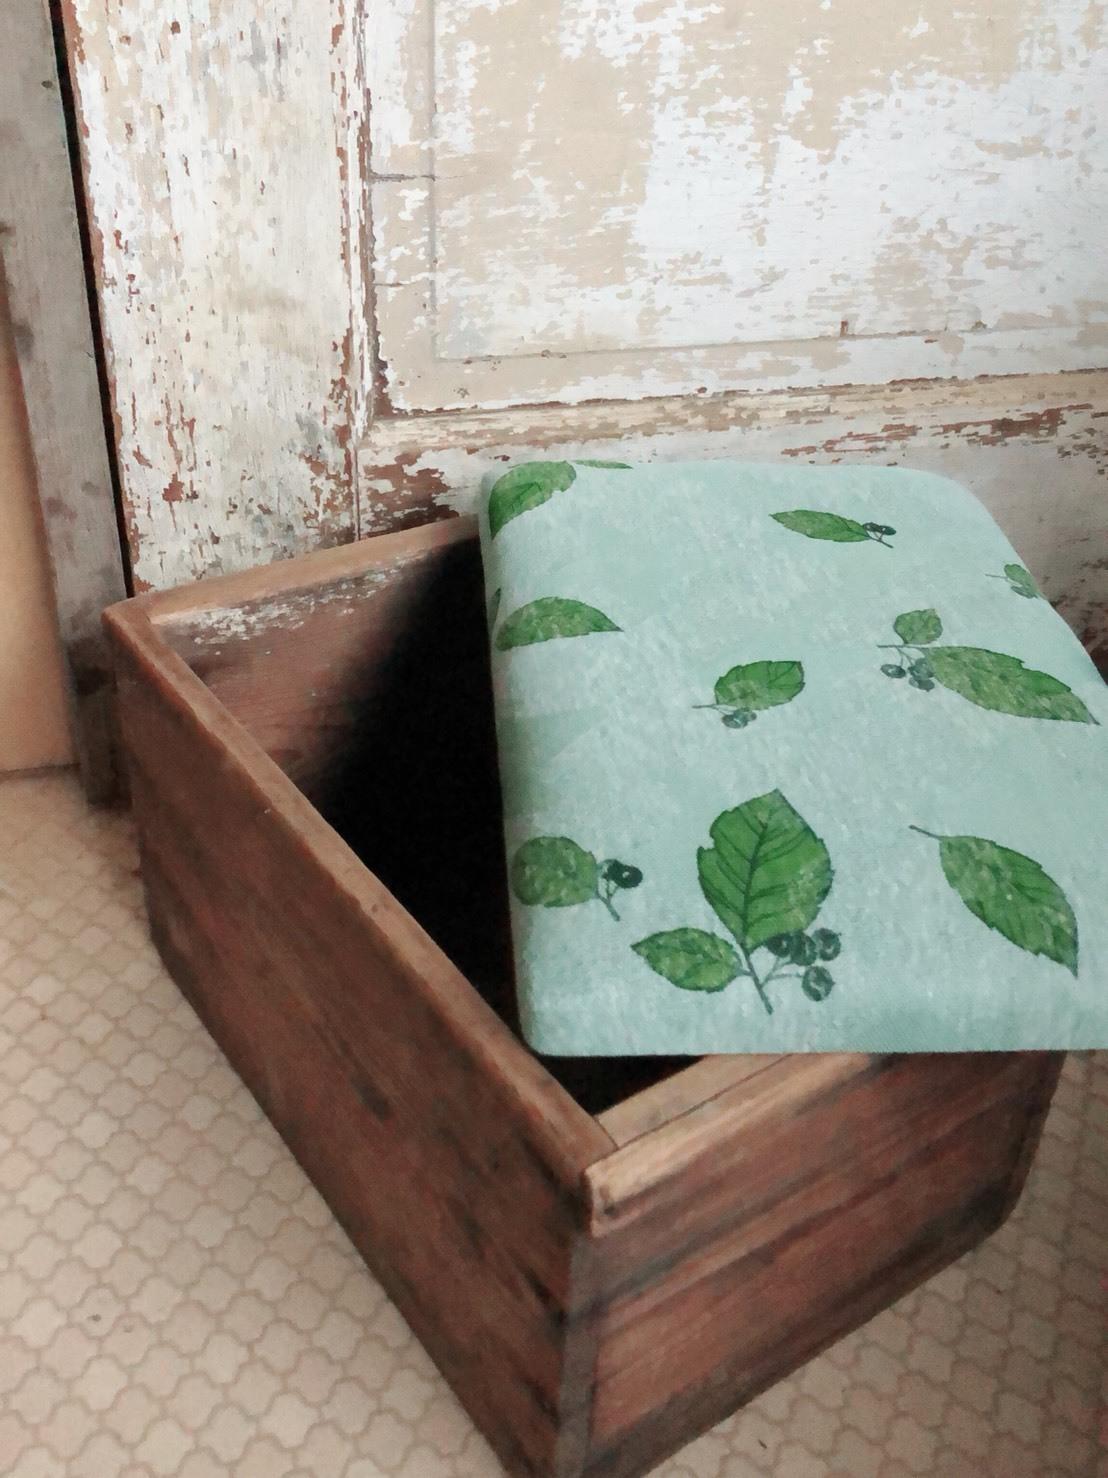 ちっちゃい葉っぱの木箱椅子